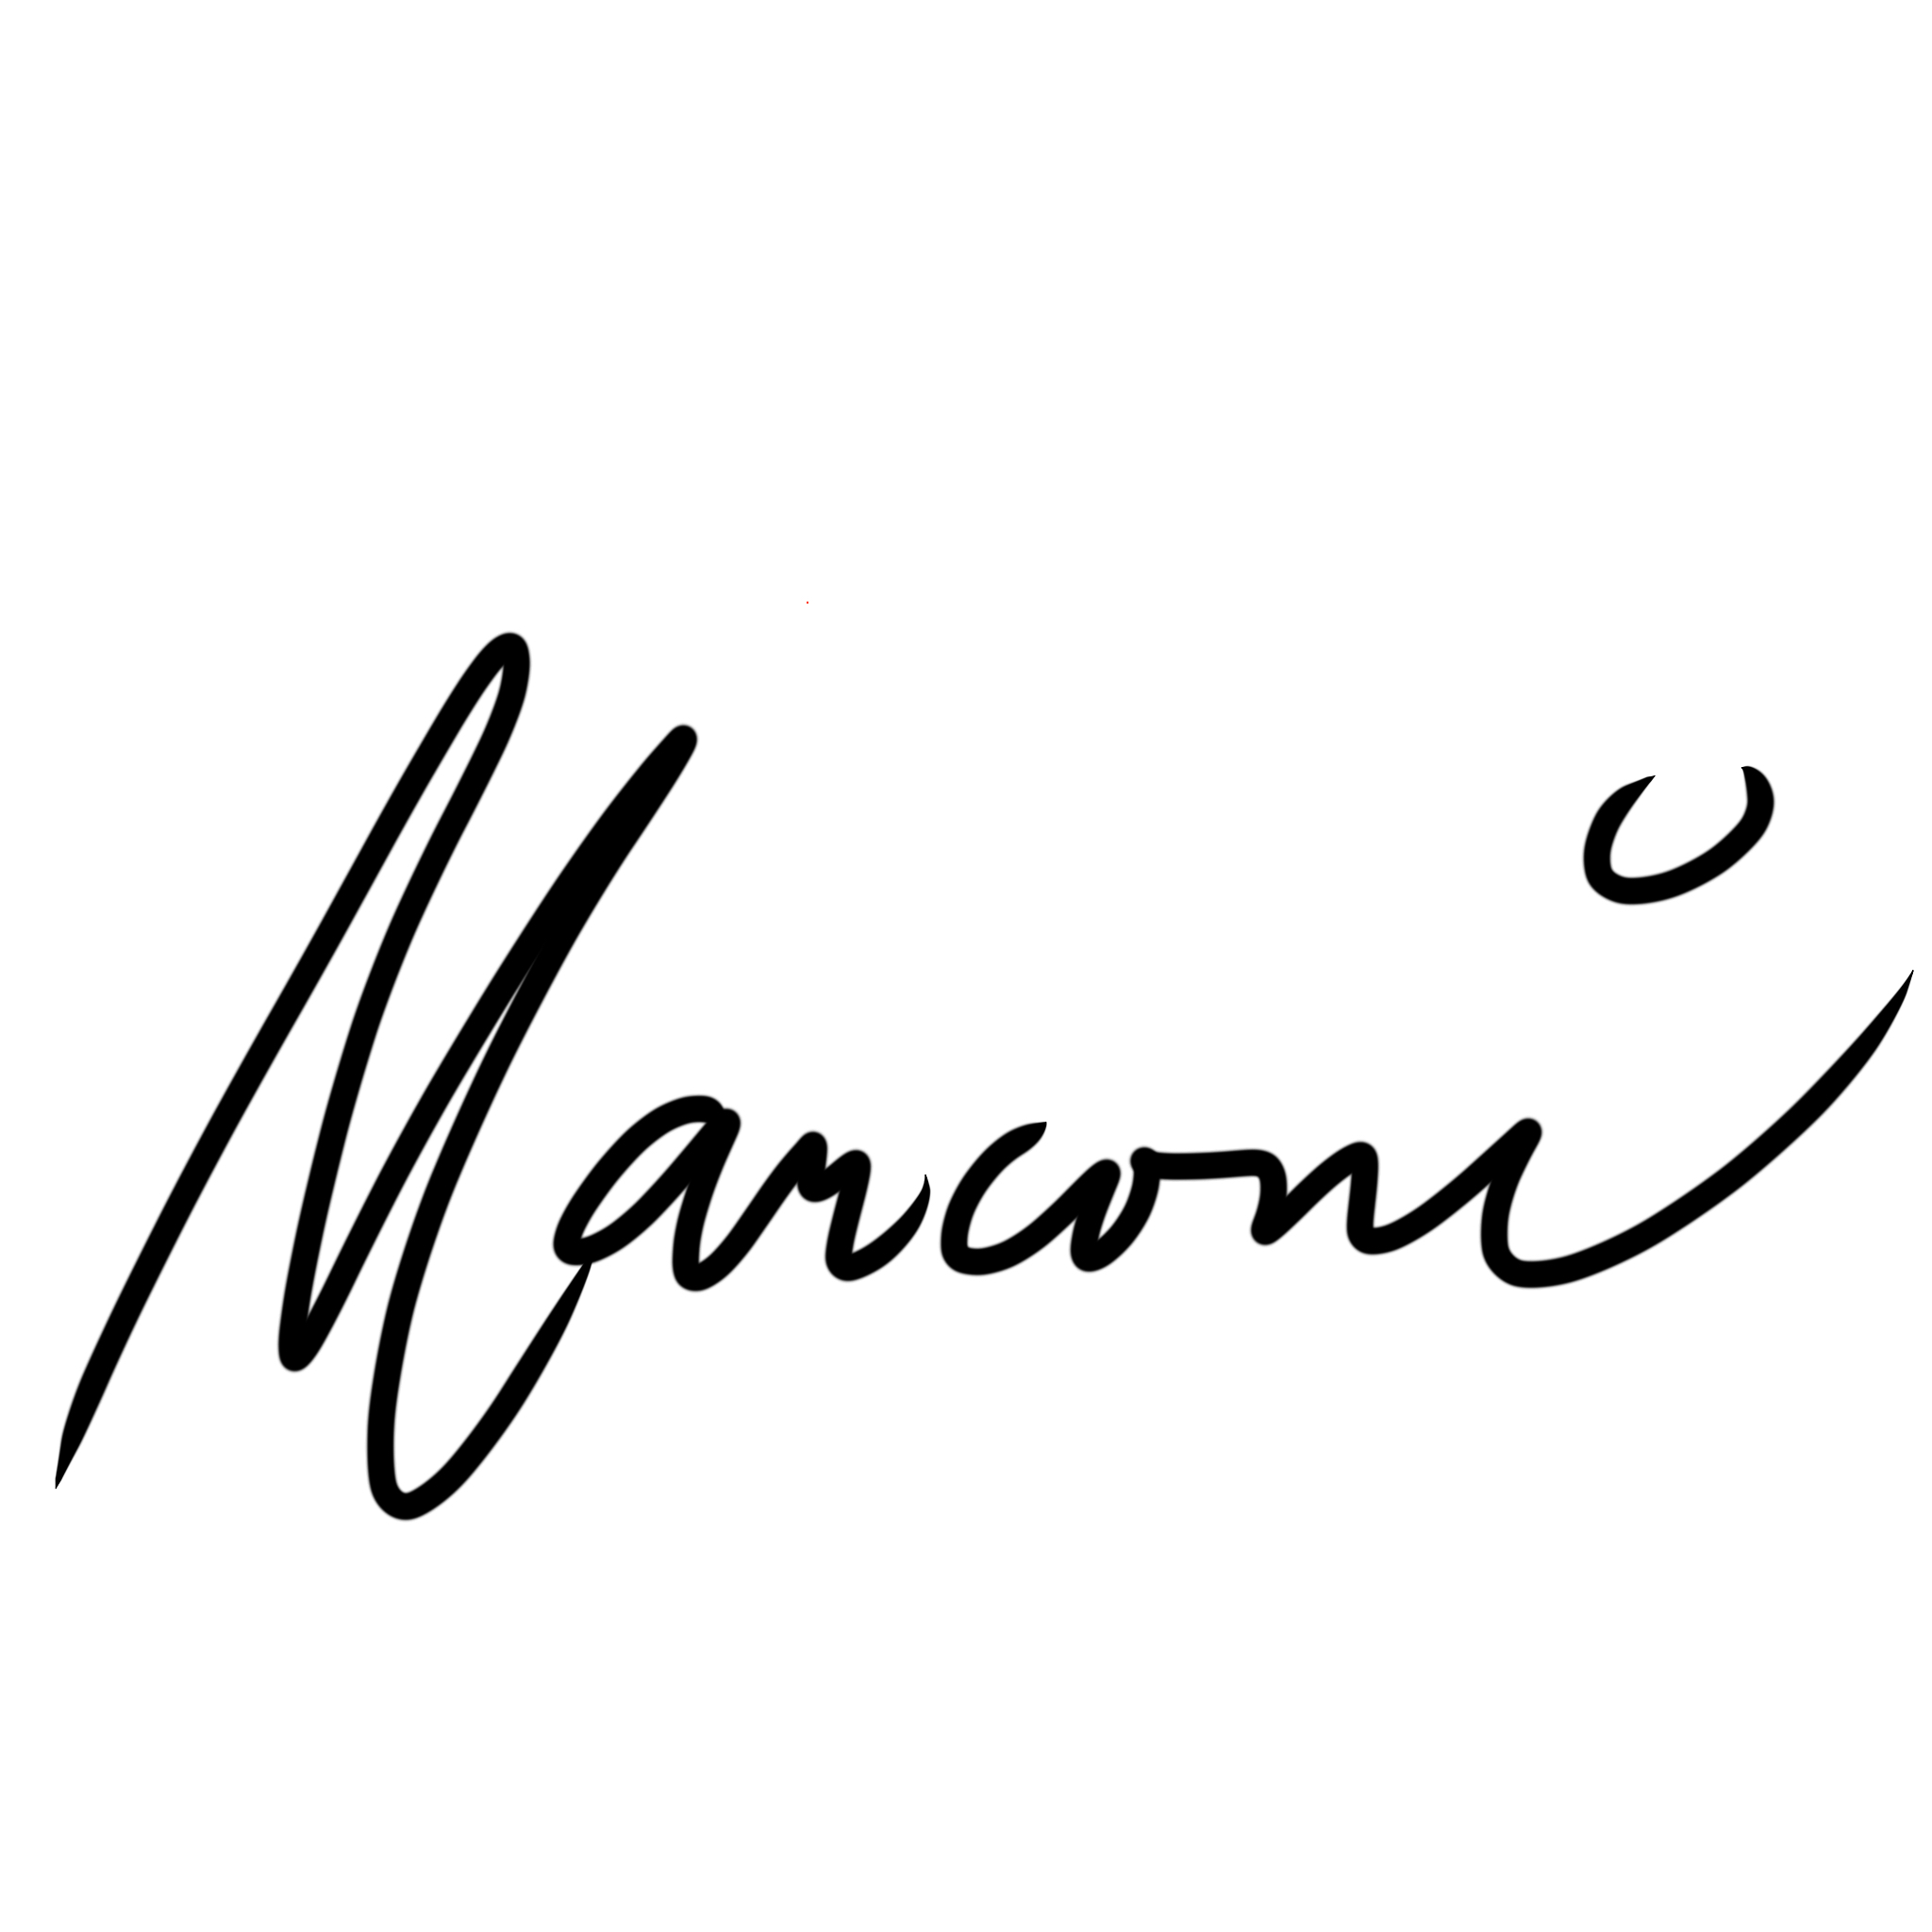 Marconi Calindas's Signature